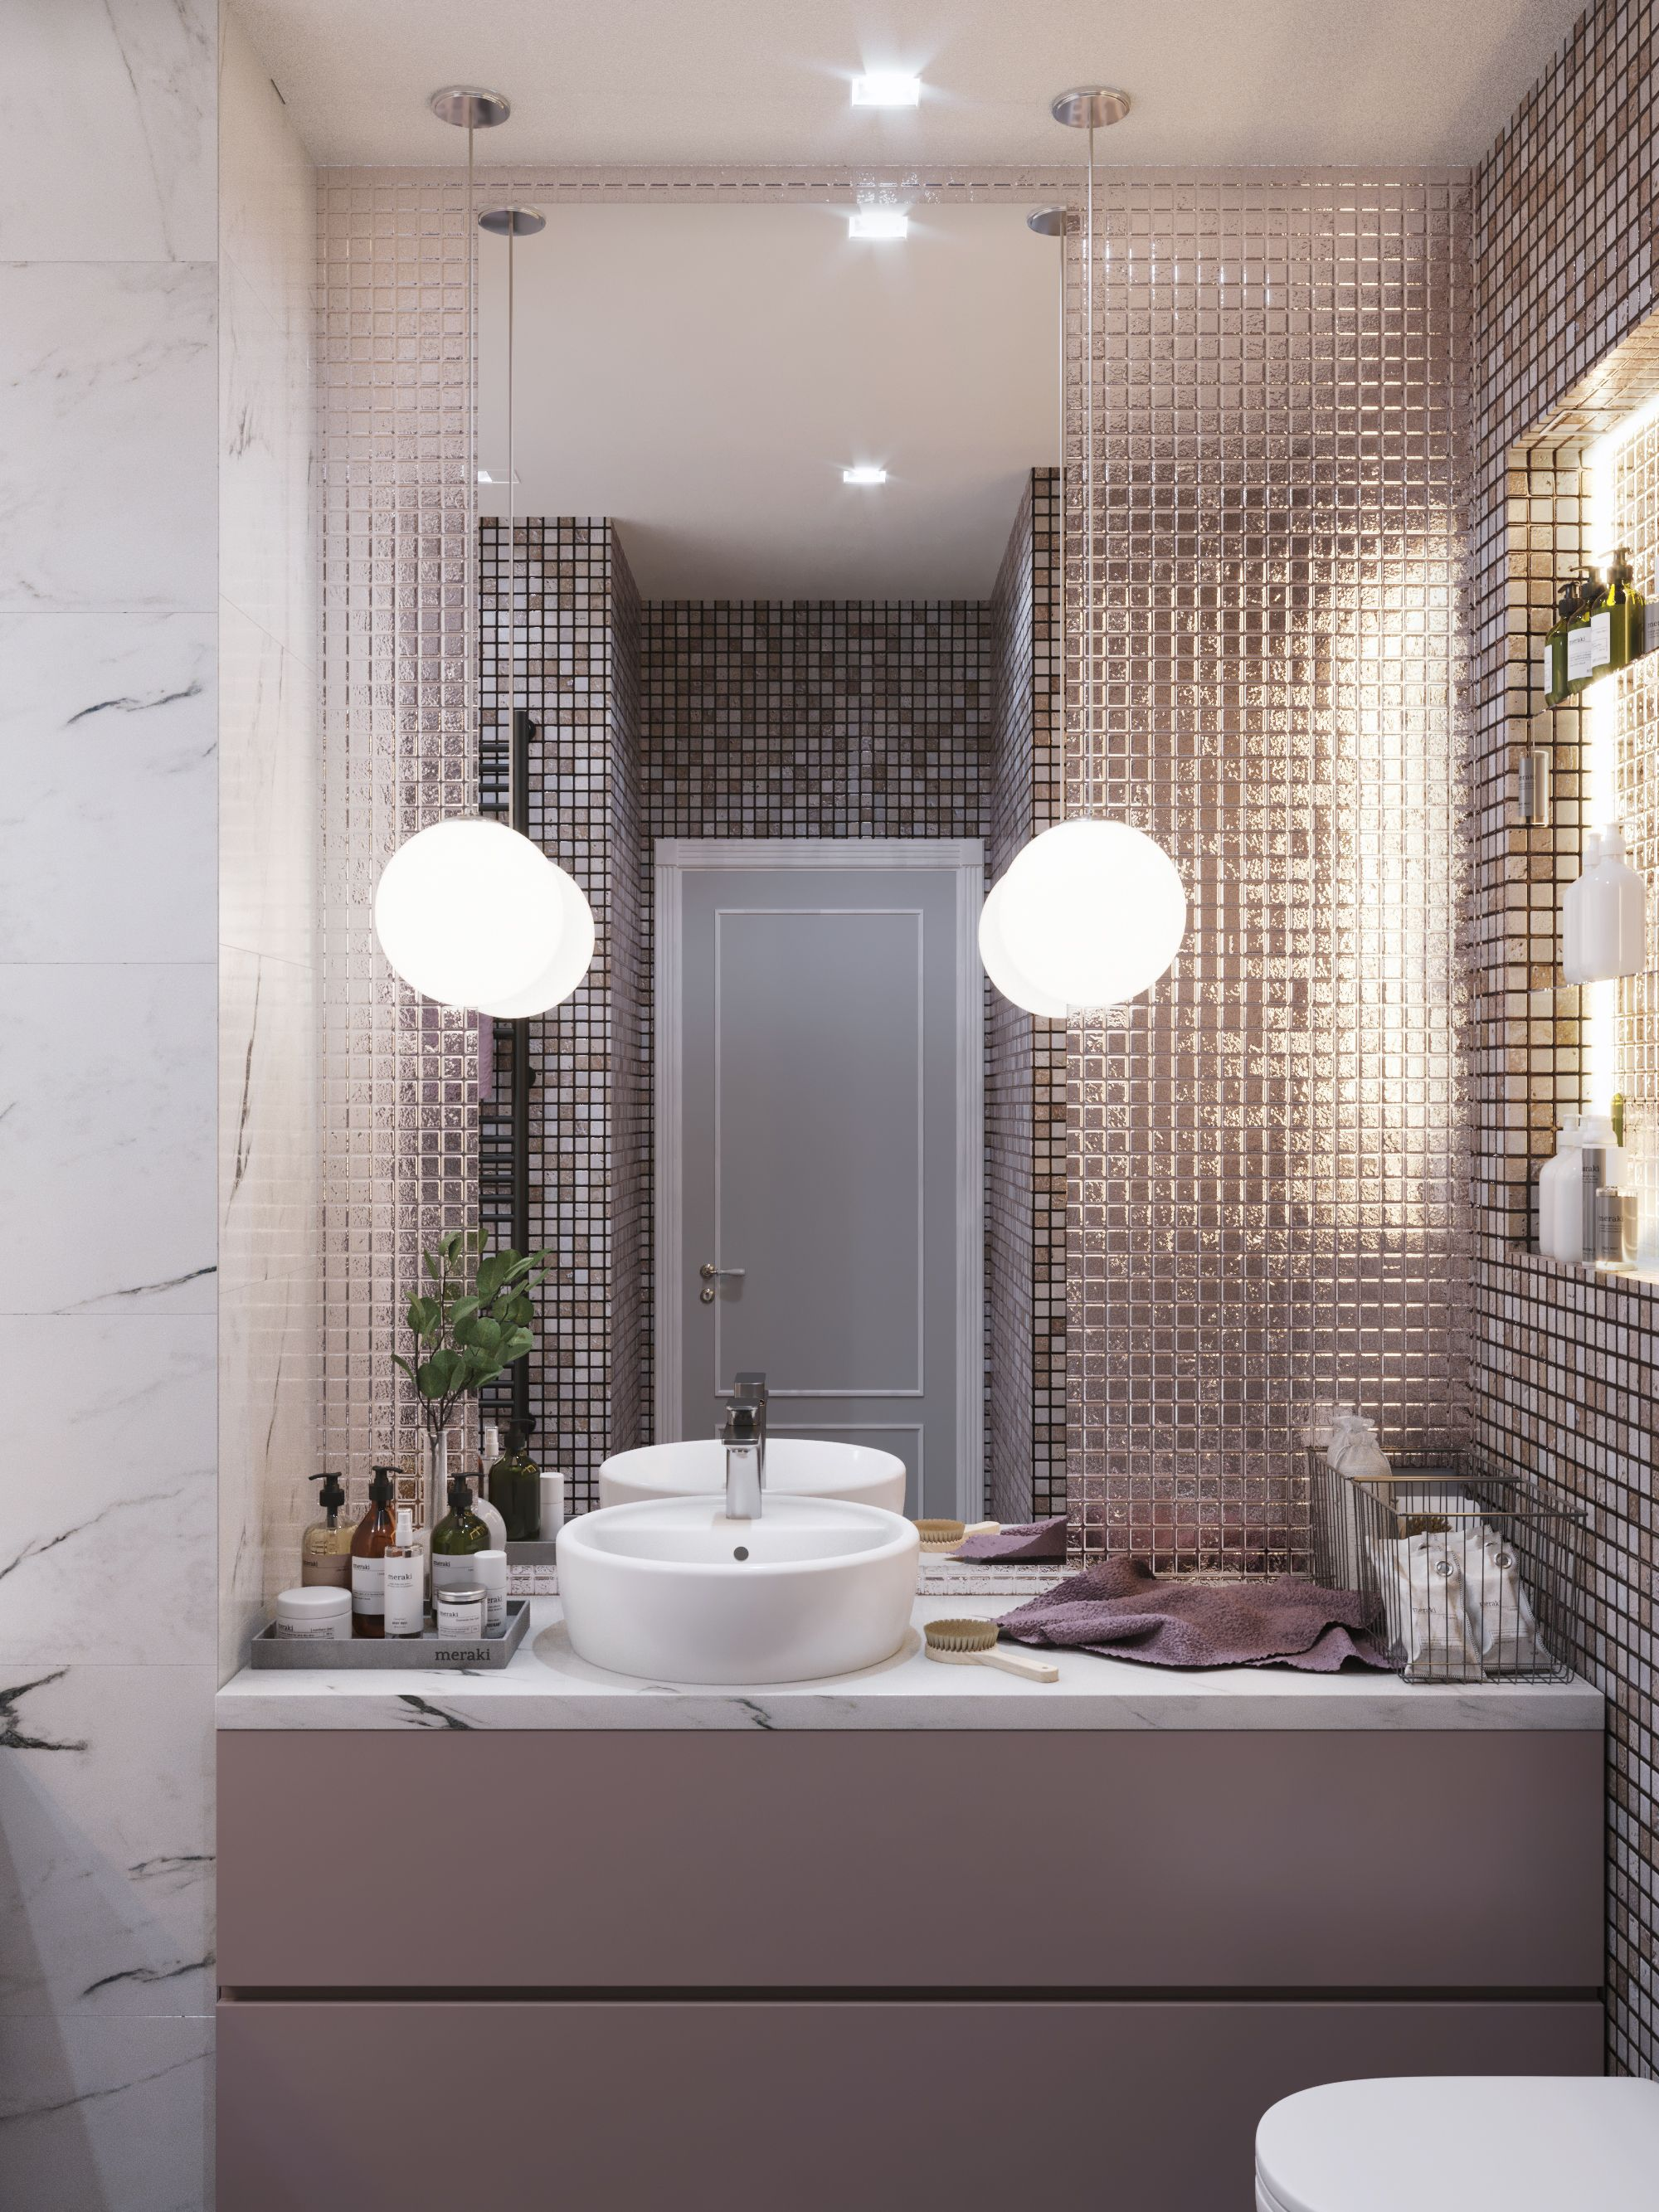 Photo of Ванная комната дизайн маленькая